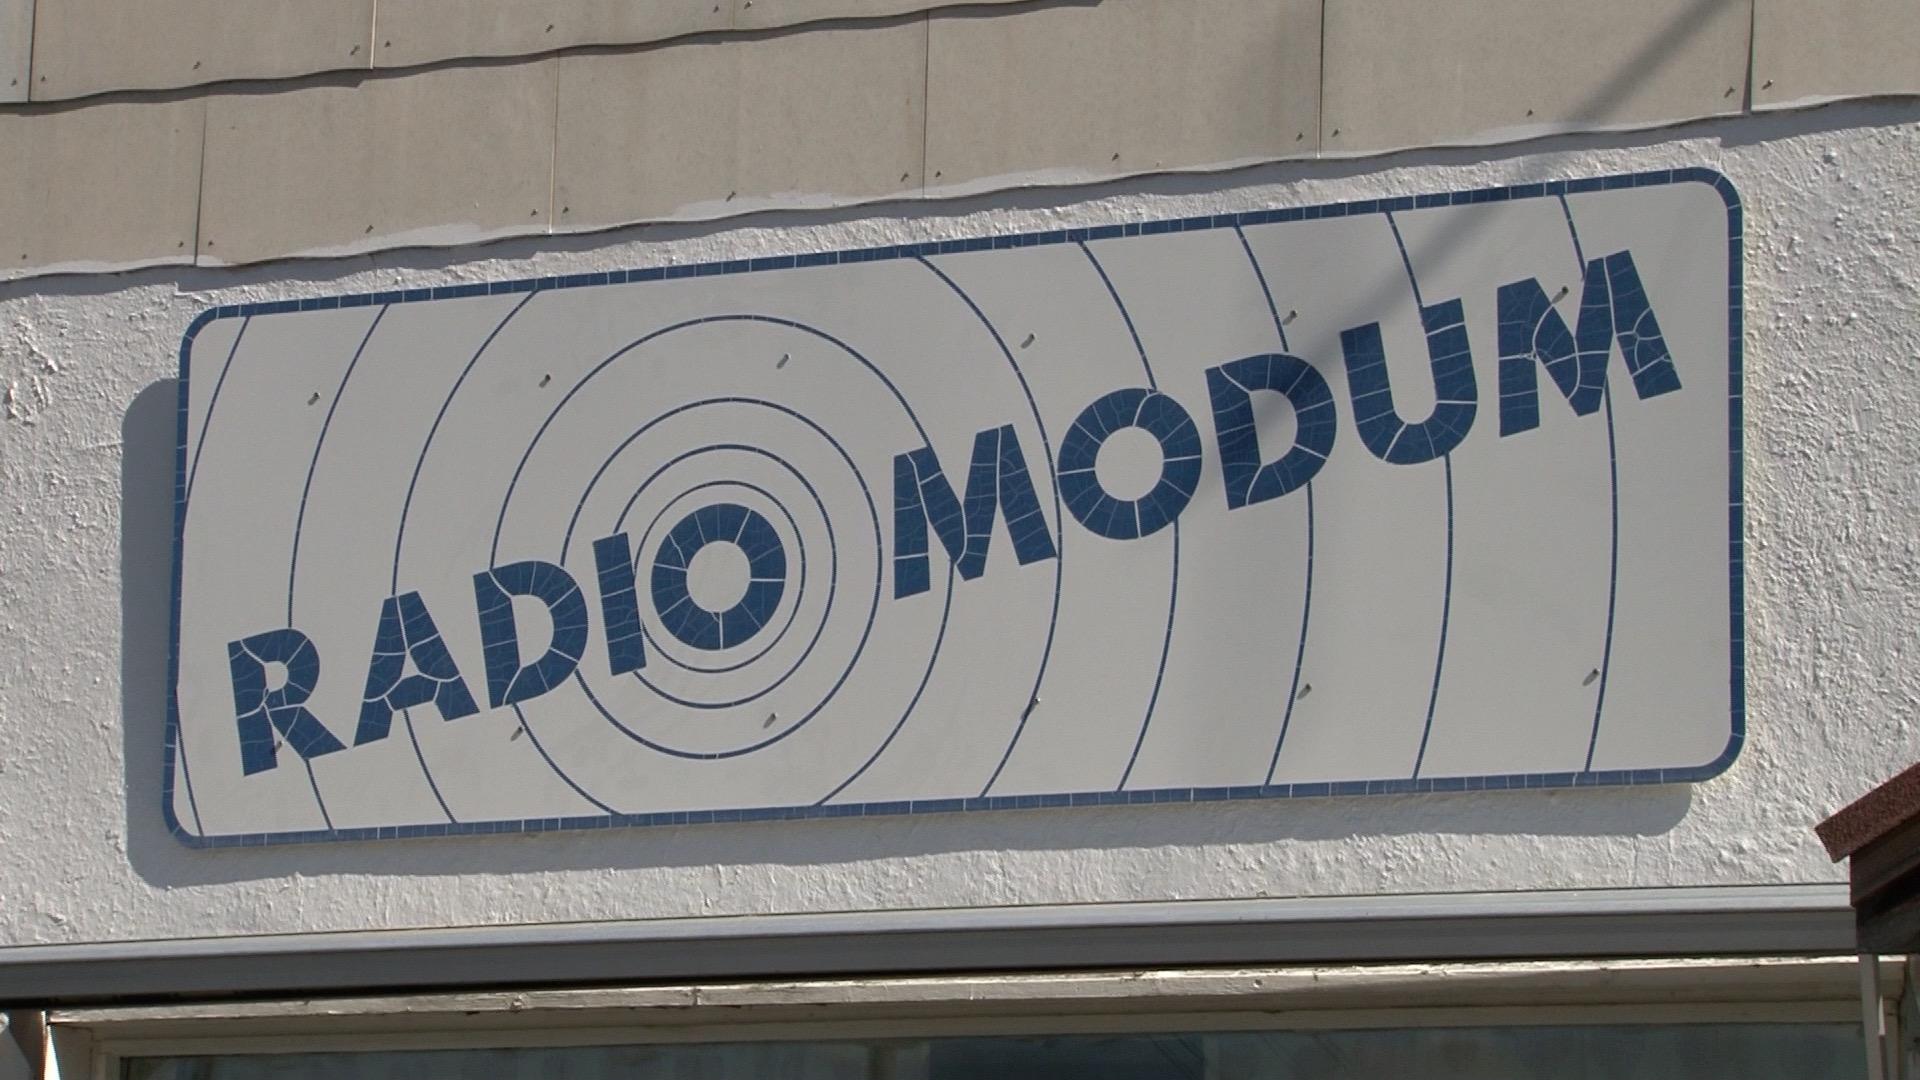 Får ikke ha radiobingo på et år